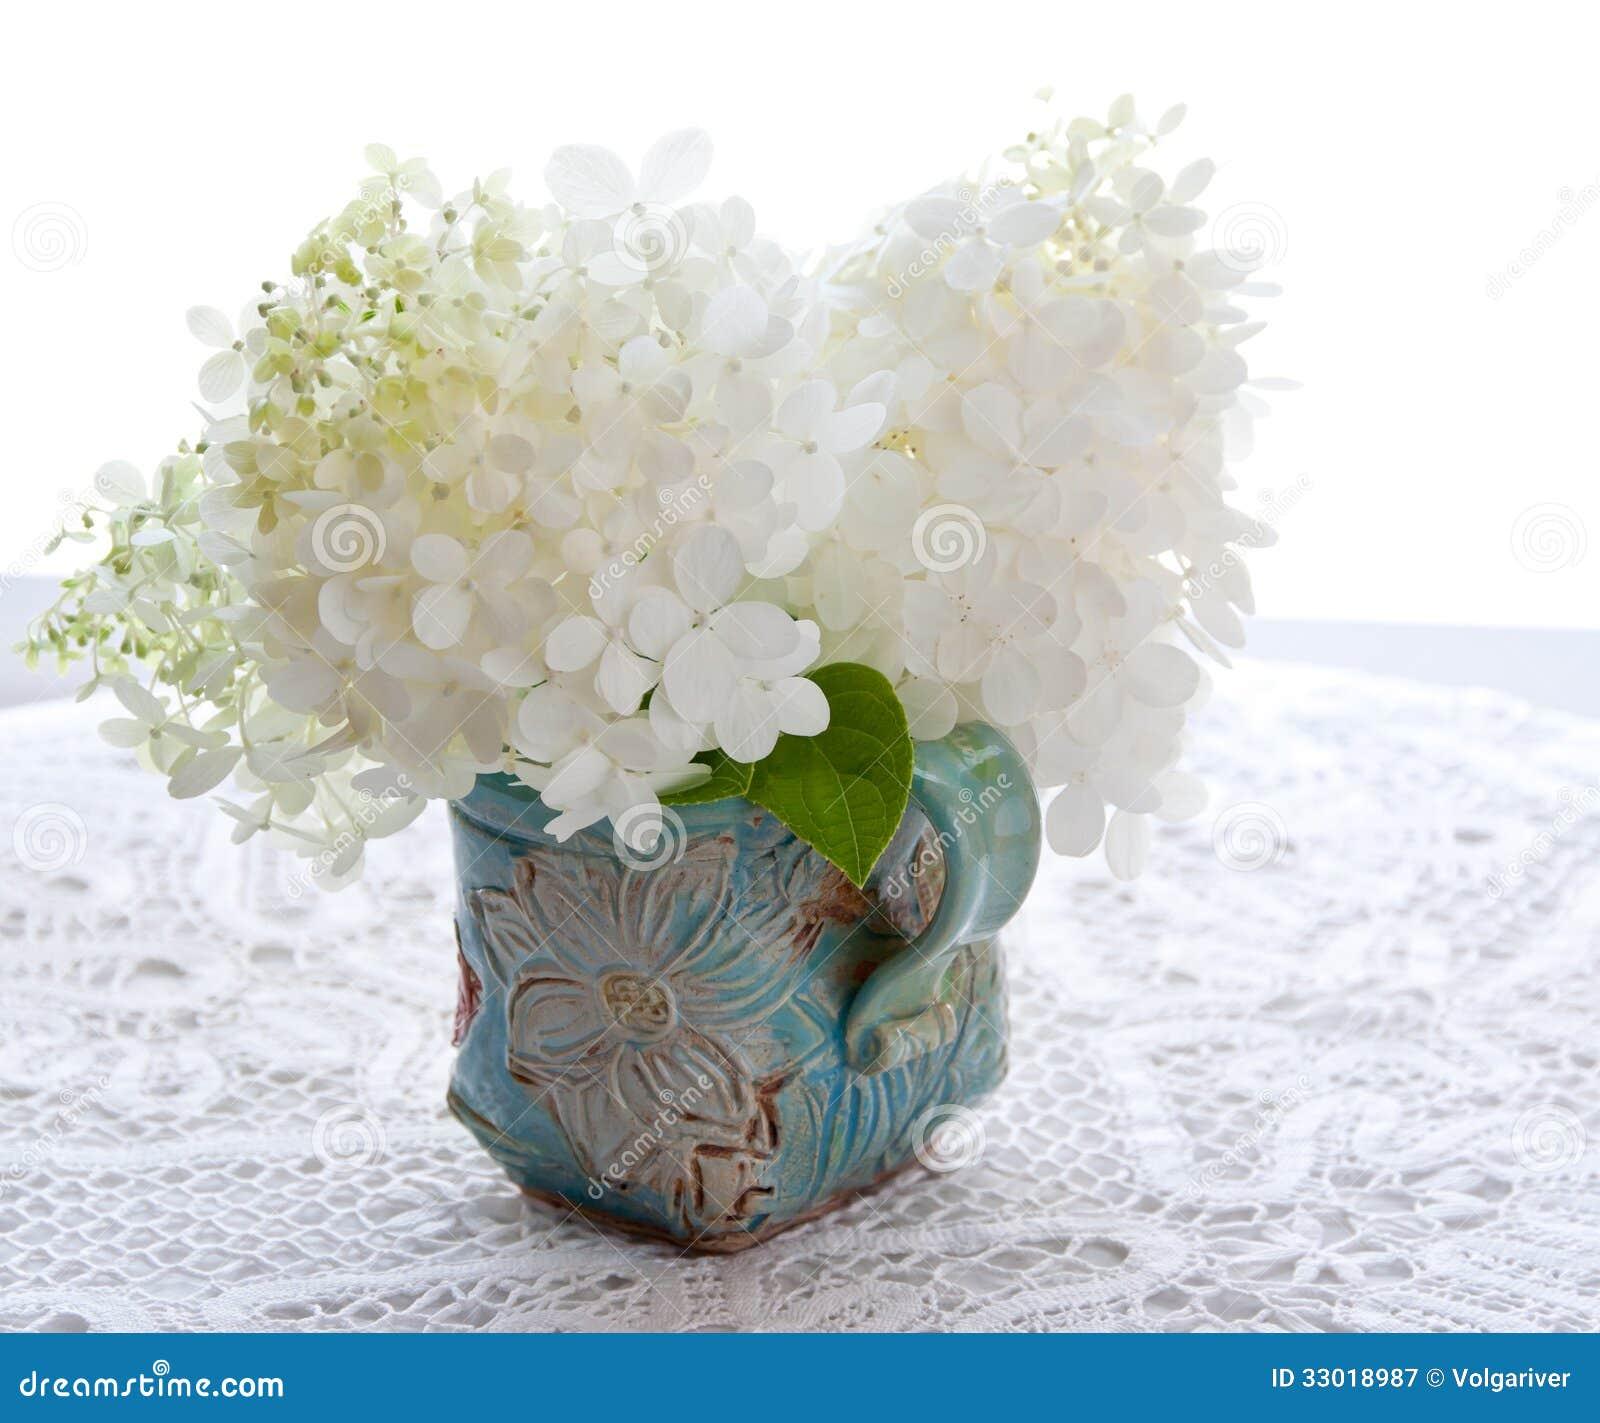 le bouquet de l 39 hortensia blanc fleurit sur une table image stock image 33018987. Black Bedroom Furniture Sets. Home Design Ideas